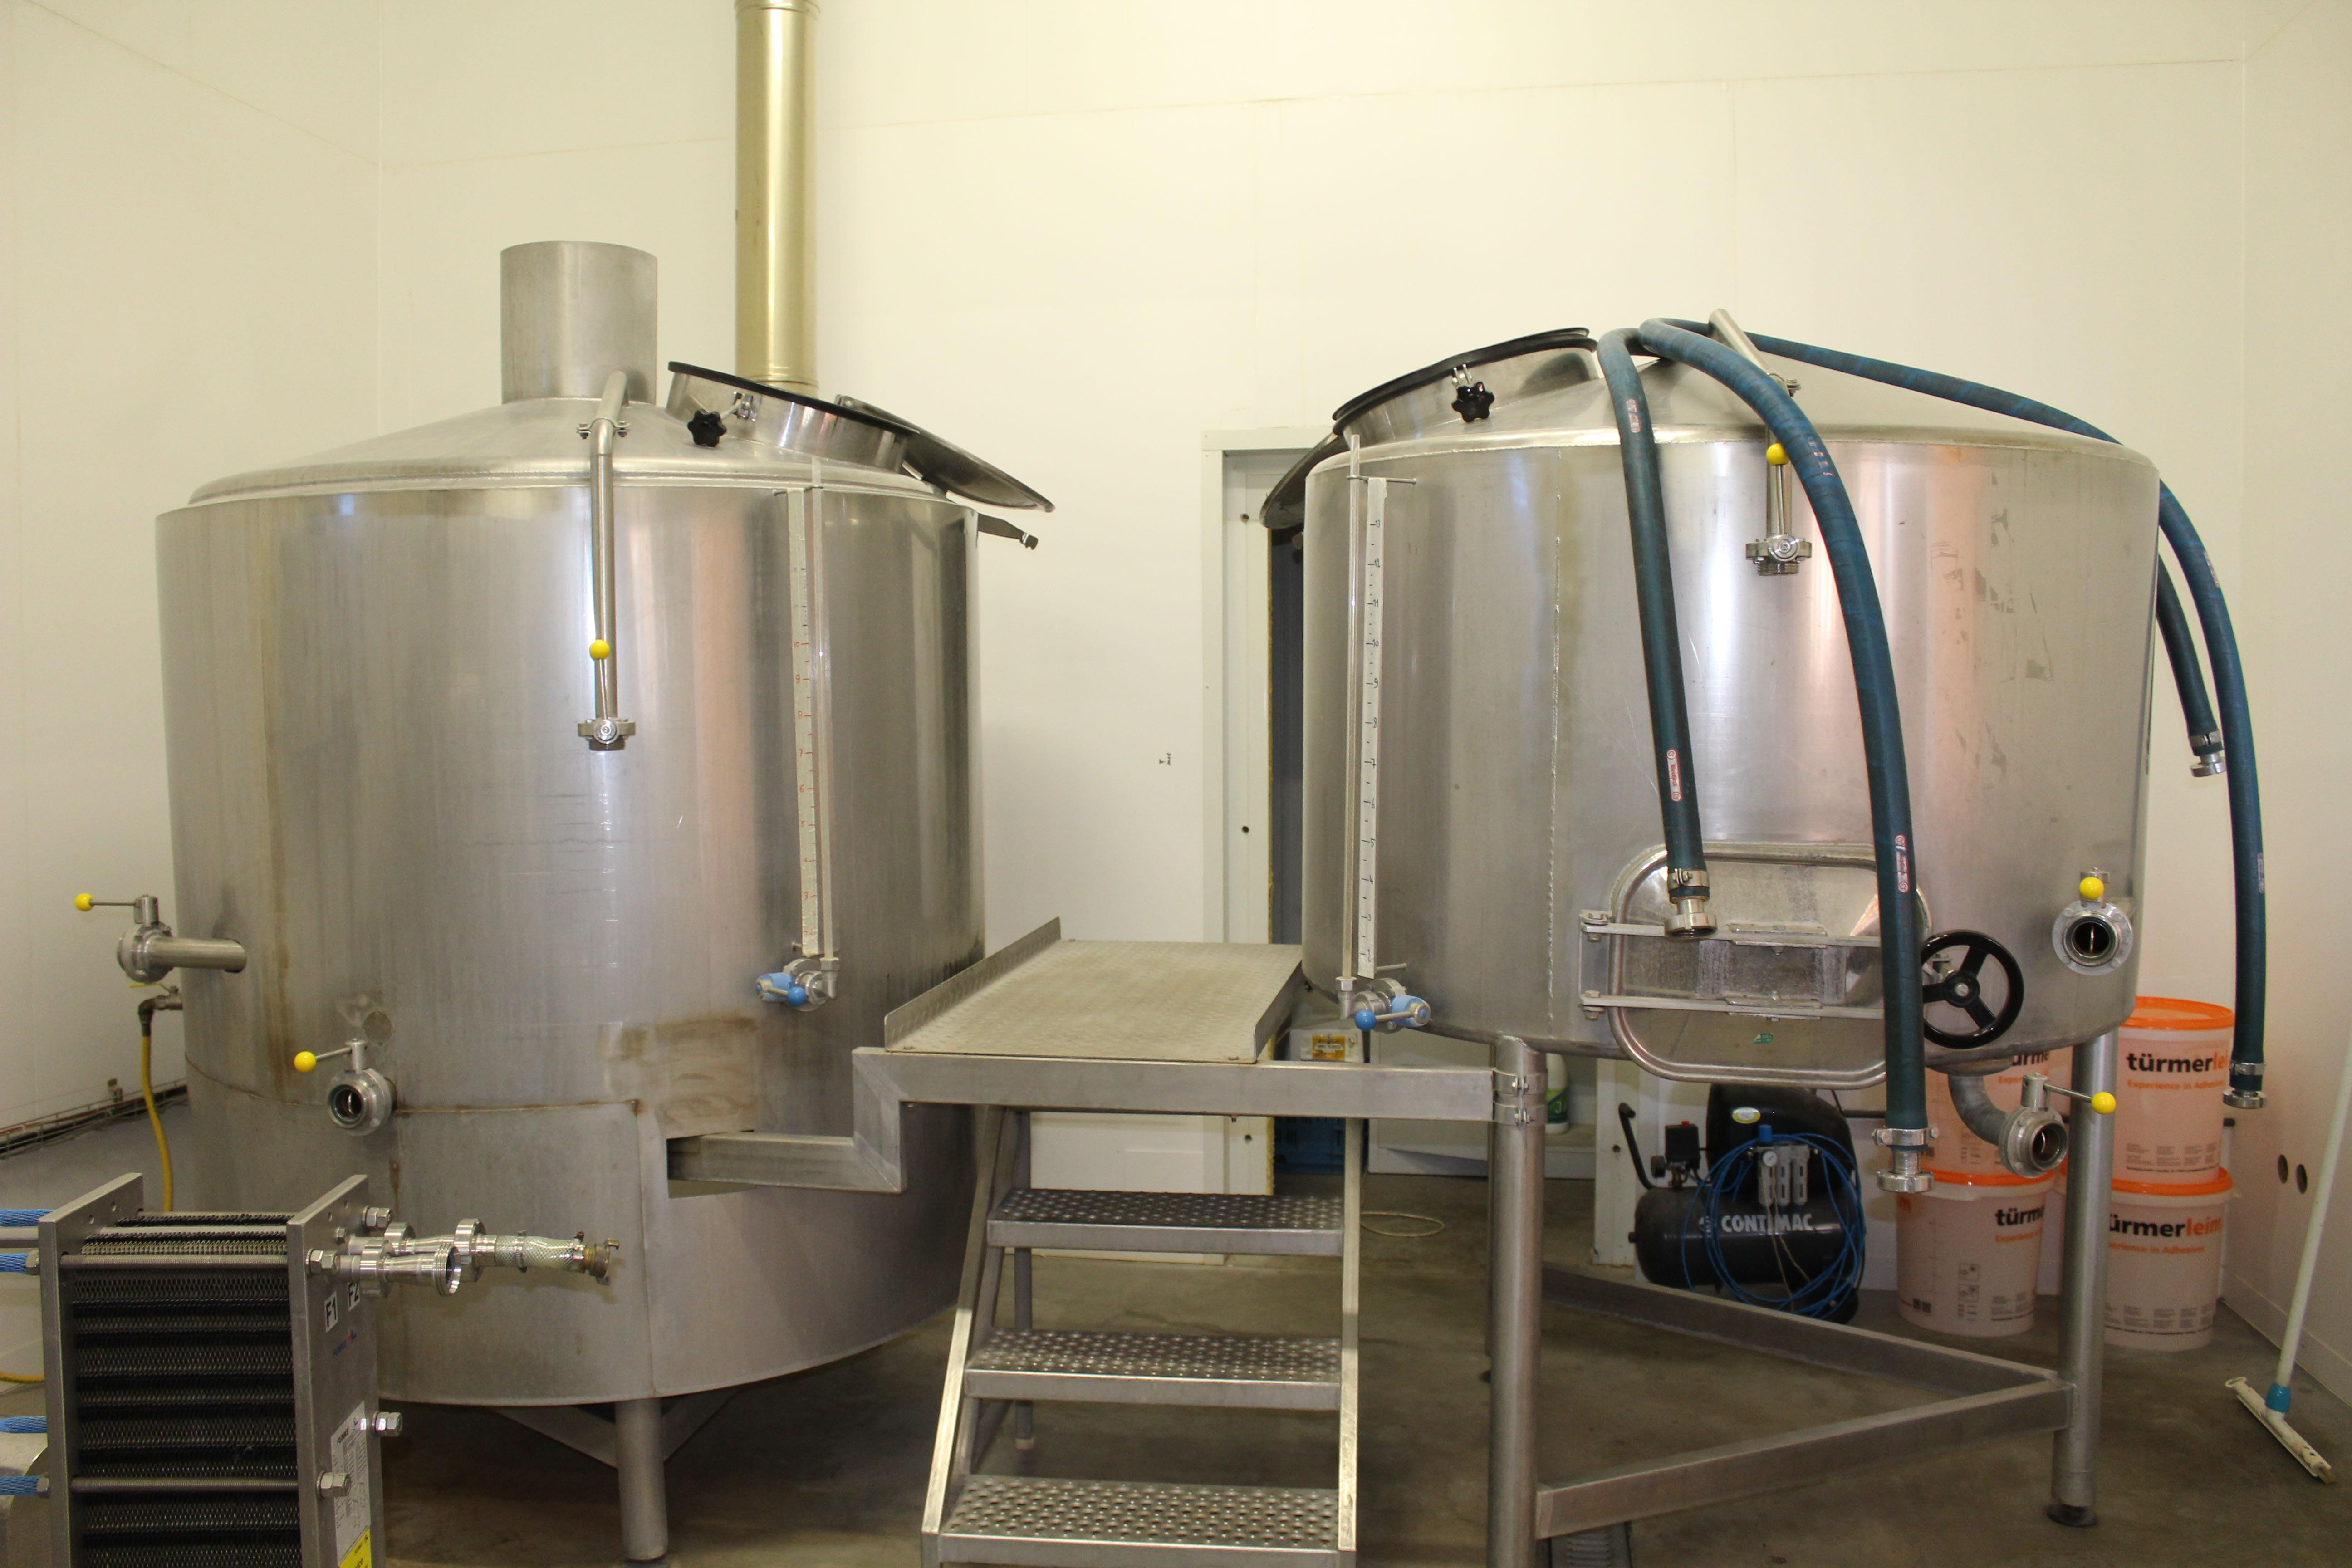 Brouwerij - De Plukker (Poperinge)